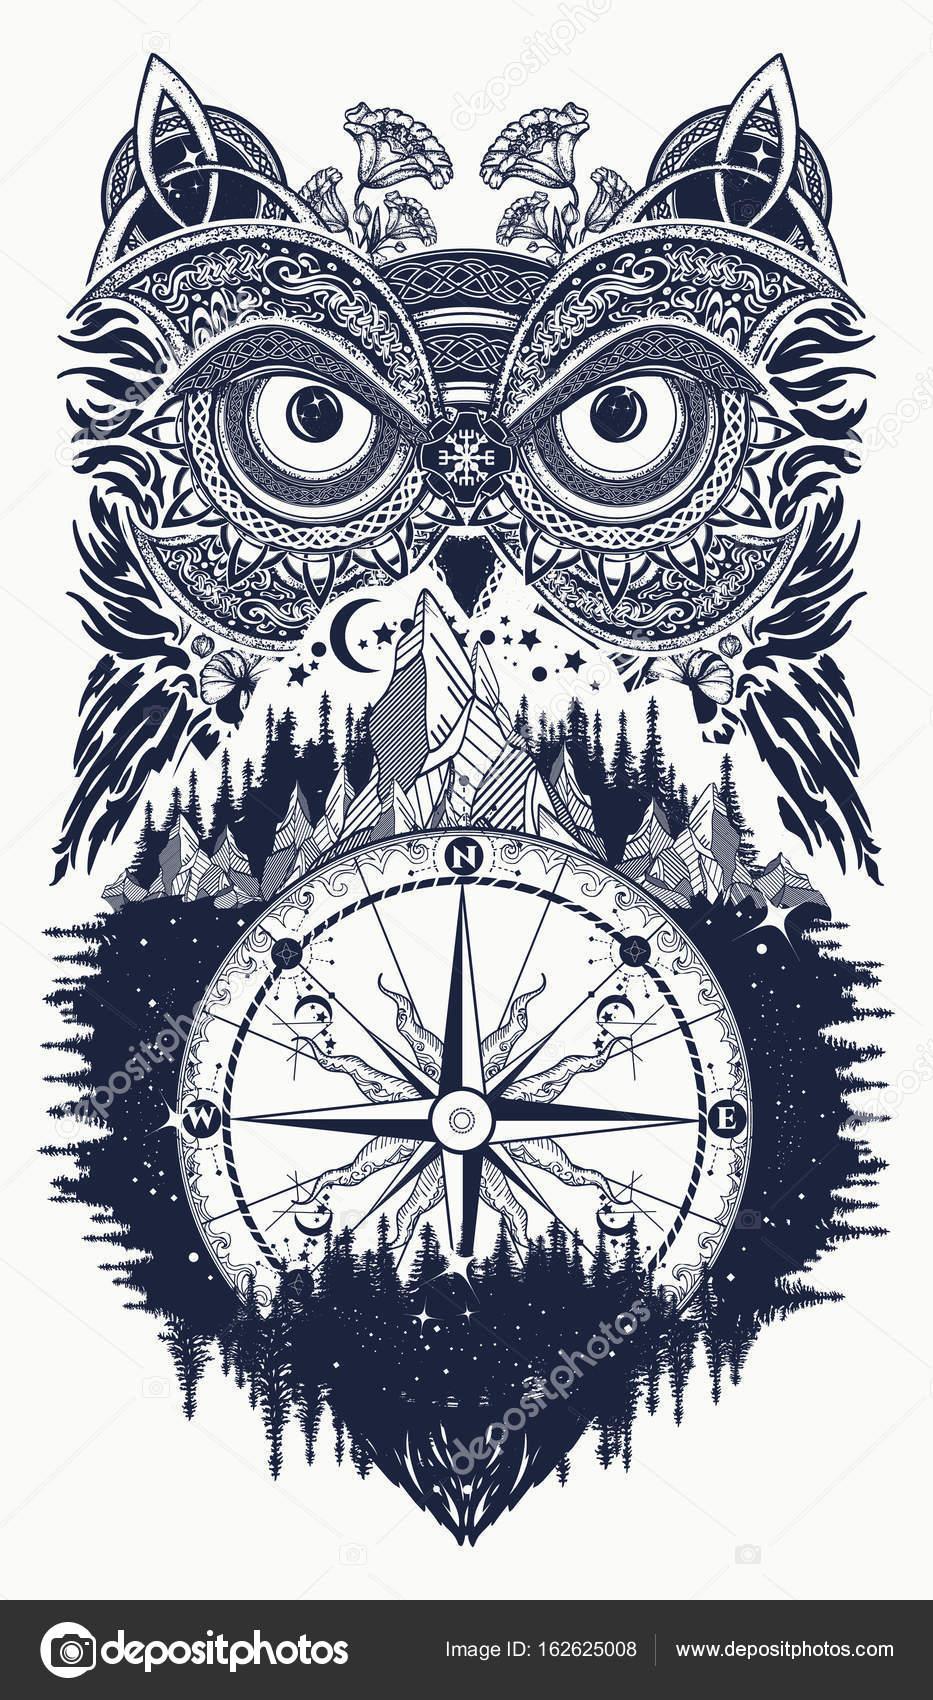 Uil En Kompas Tattoo Kunst Uil In Etnische Keltische Stijl